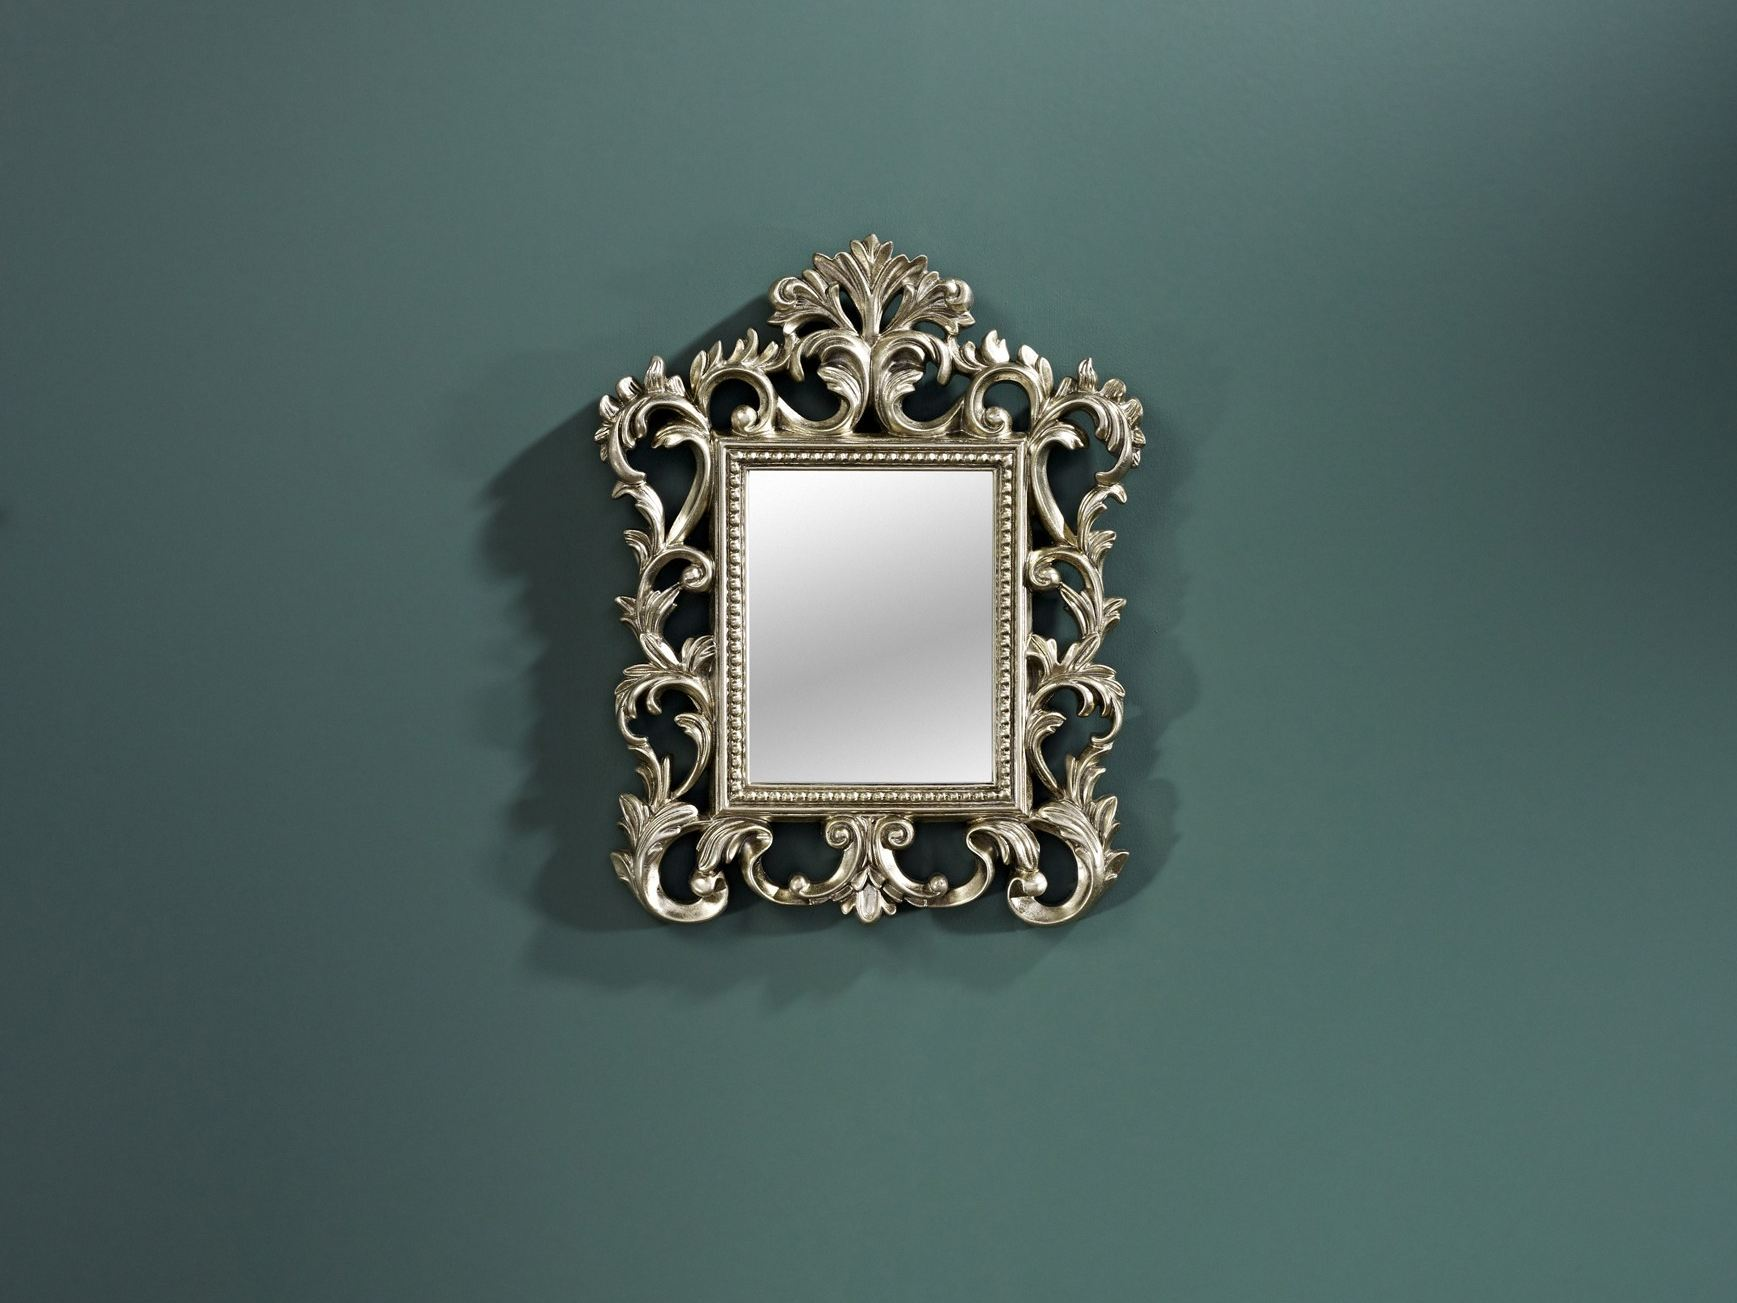 Baroque rectangular framed mirror viva by deknudt mirrors for Rectangular baroque mirror